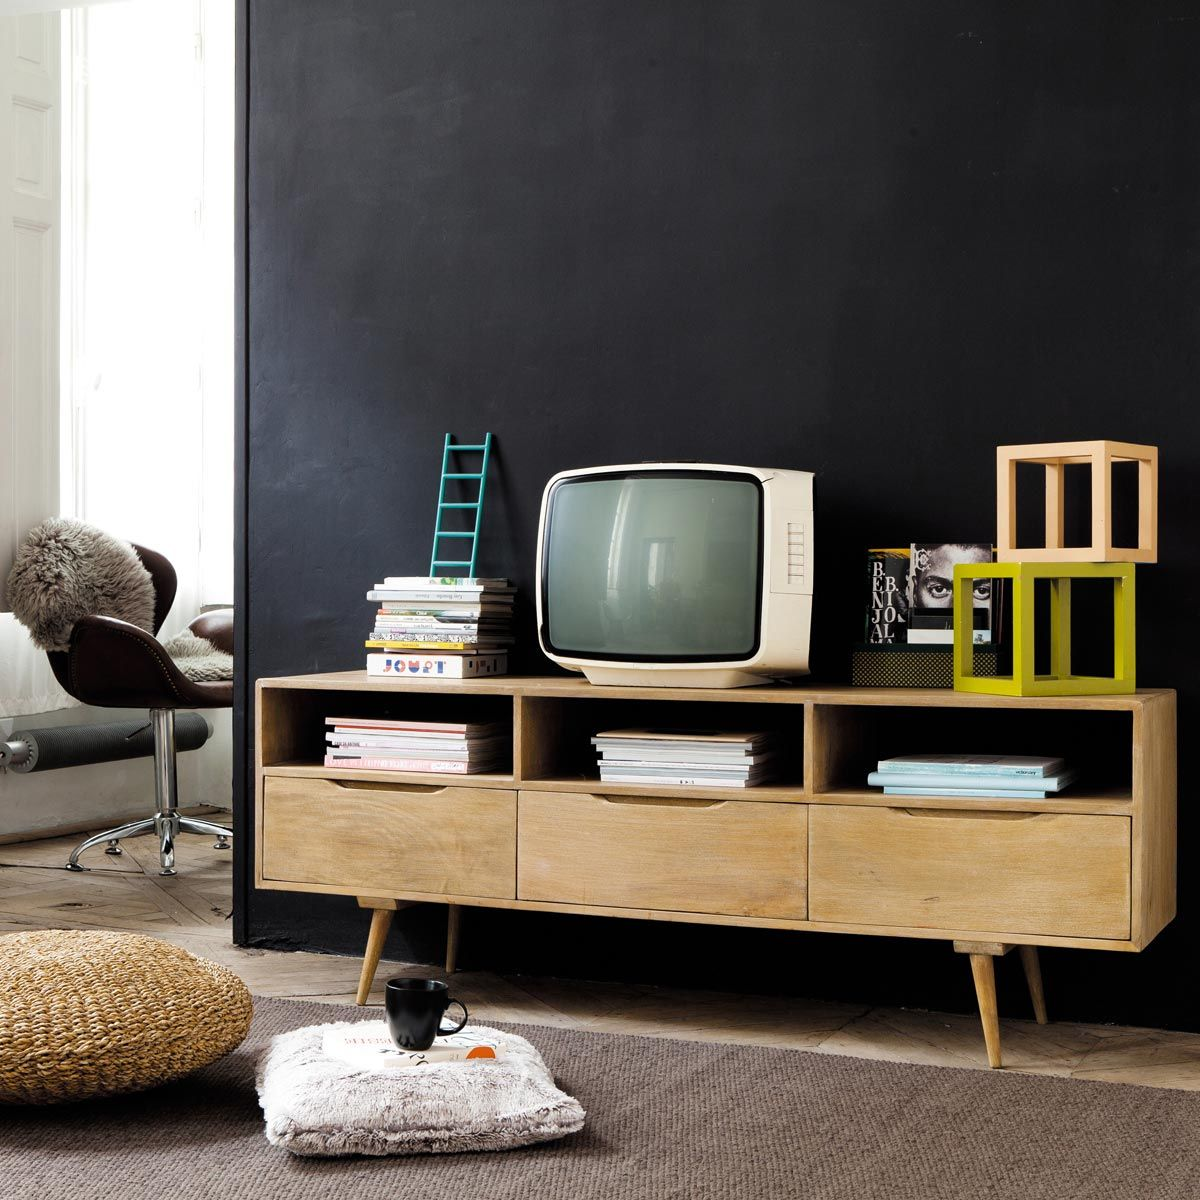 Meuble Tv Vintage En Manguier L 165 Cm Meuble Tv Tv Et Meubles # Meuble Tv Pierre